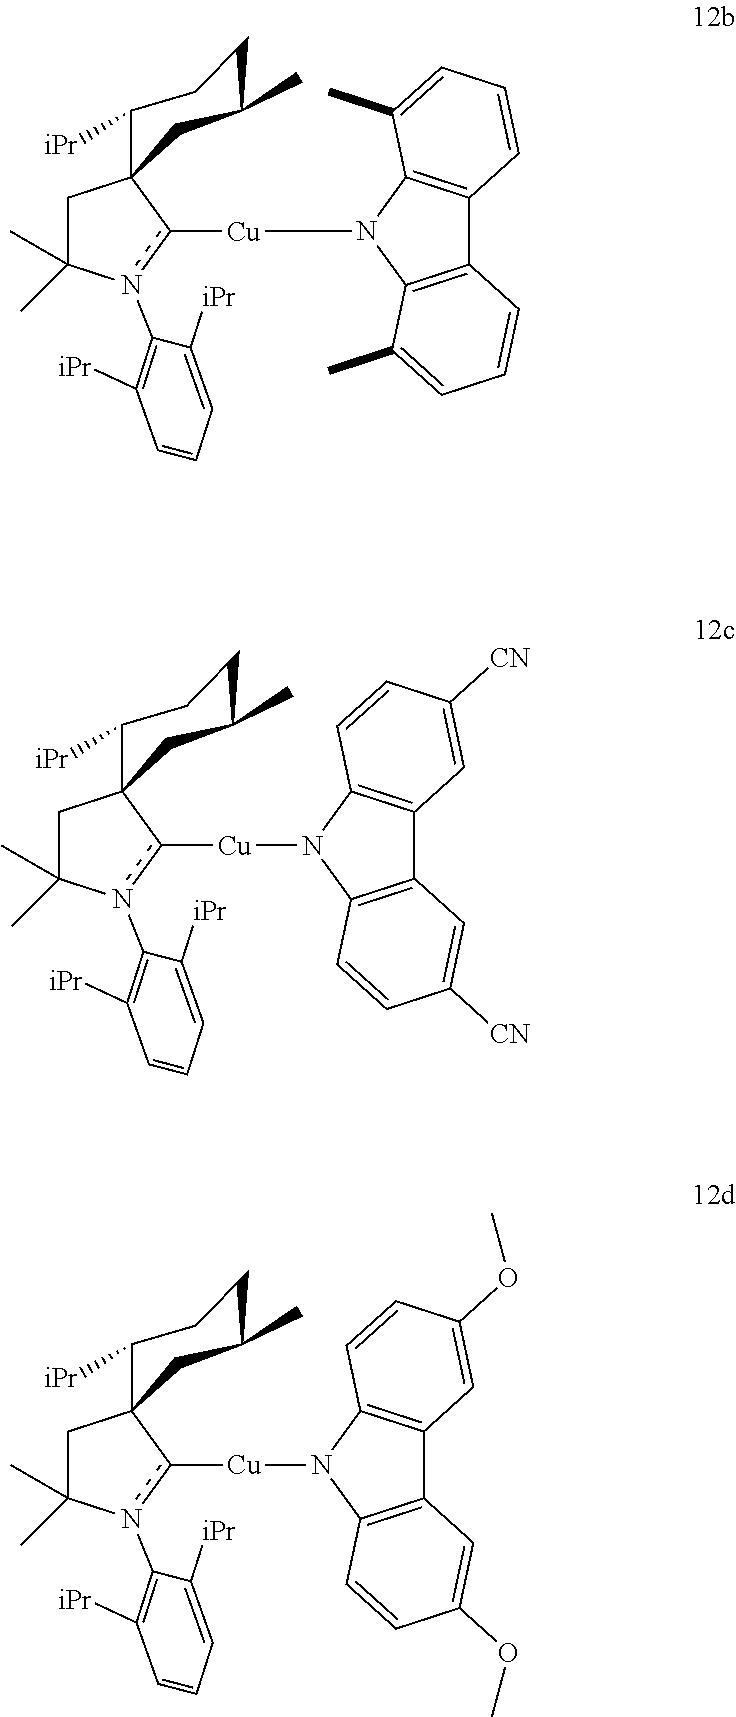 Figure US20190161504A1-20190530-C00104